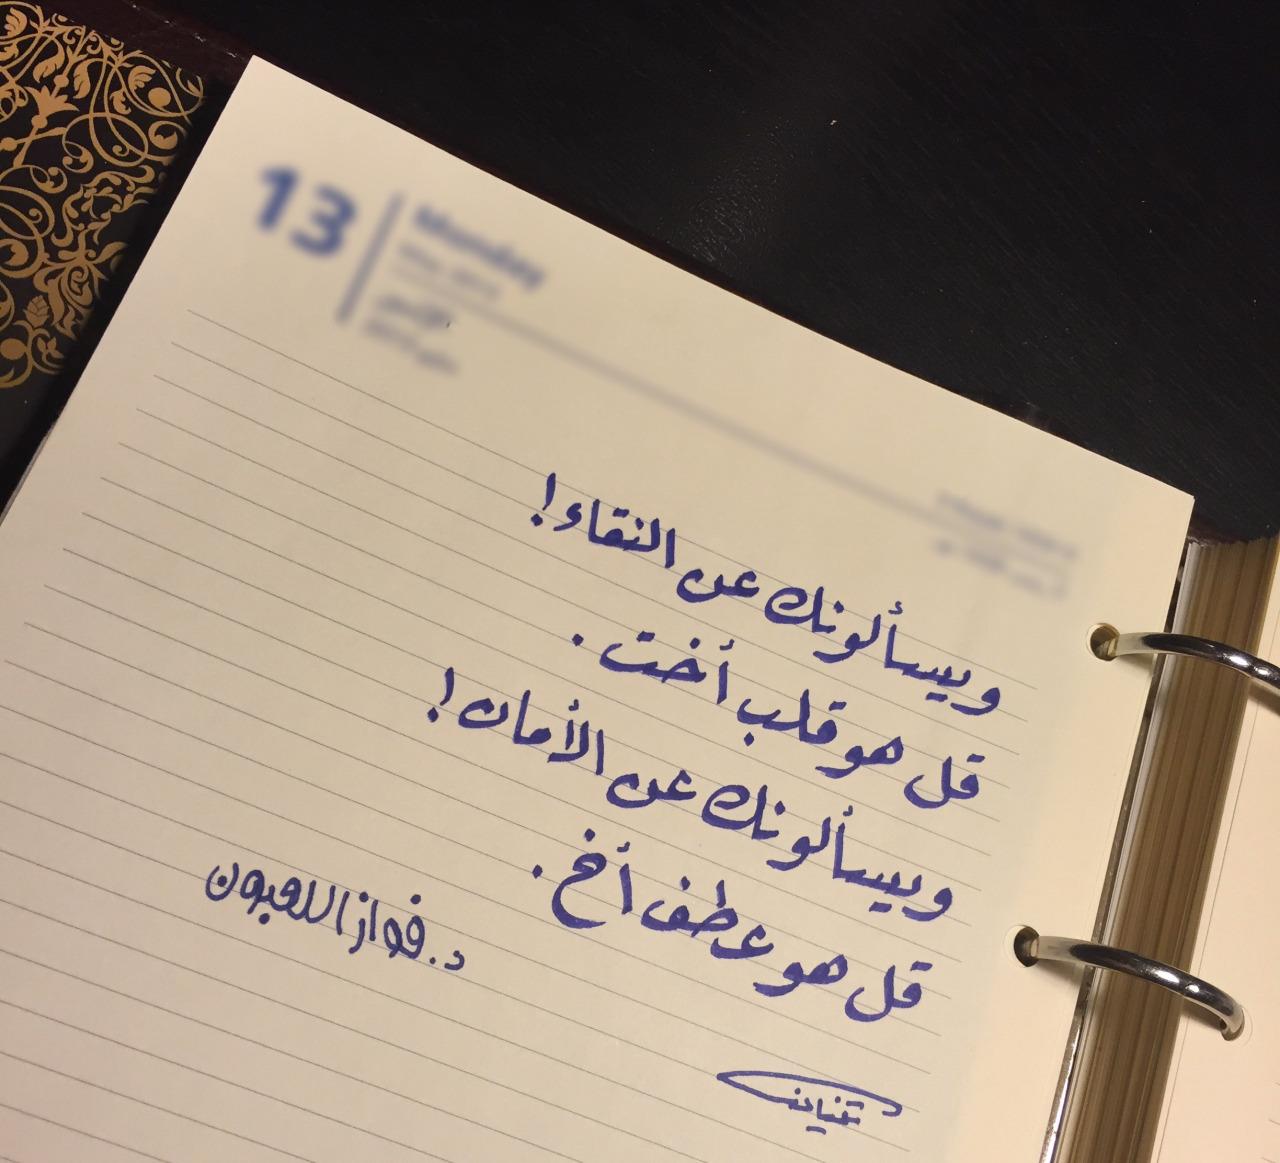 بالصور اجمل الصور عن حب الاخت , جمال حب الاخت واهميه وجودها ف المنزل 5939 8